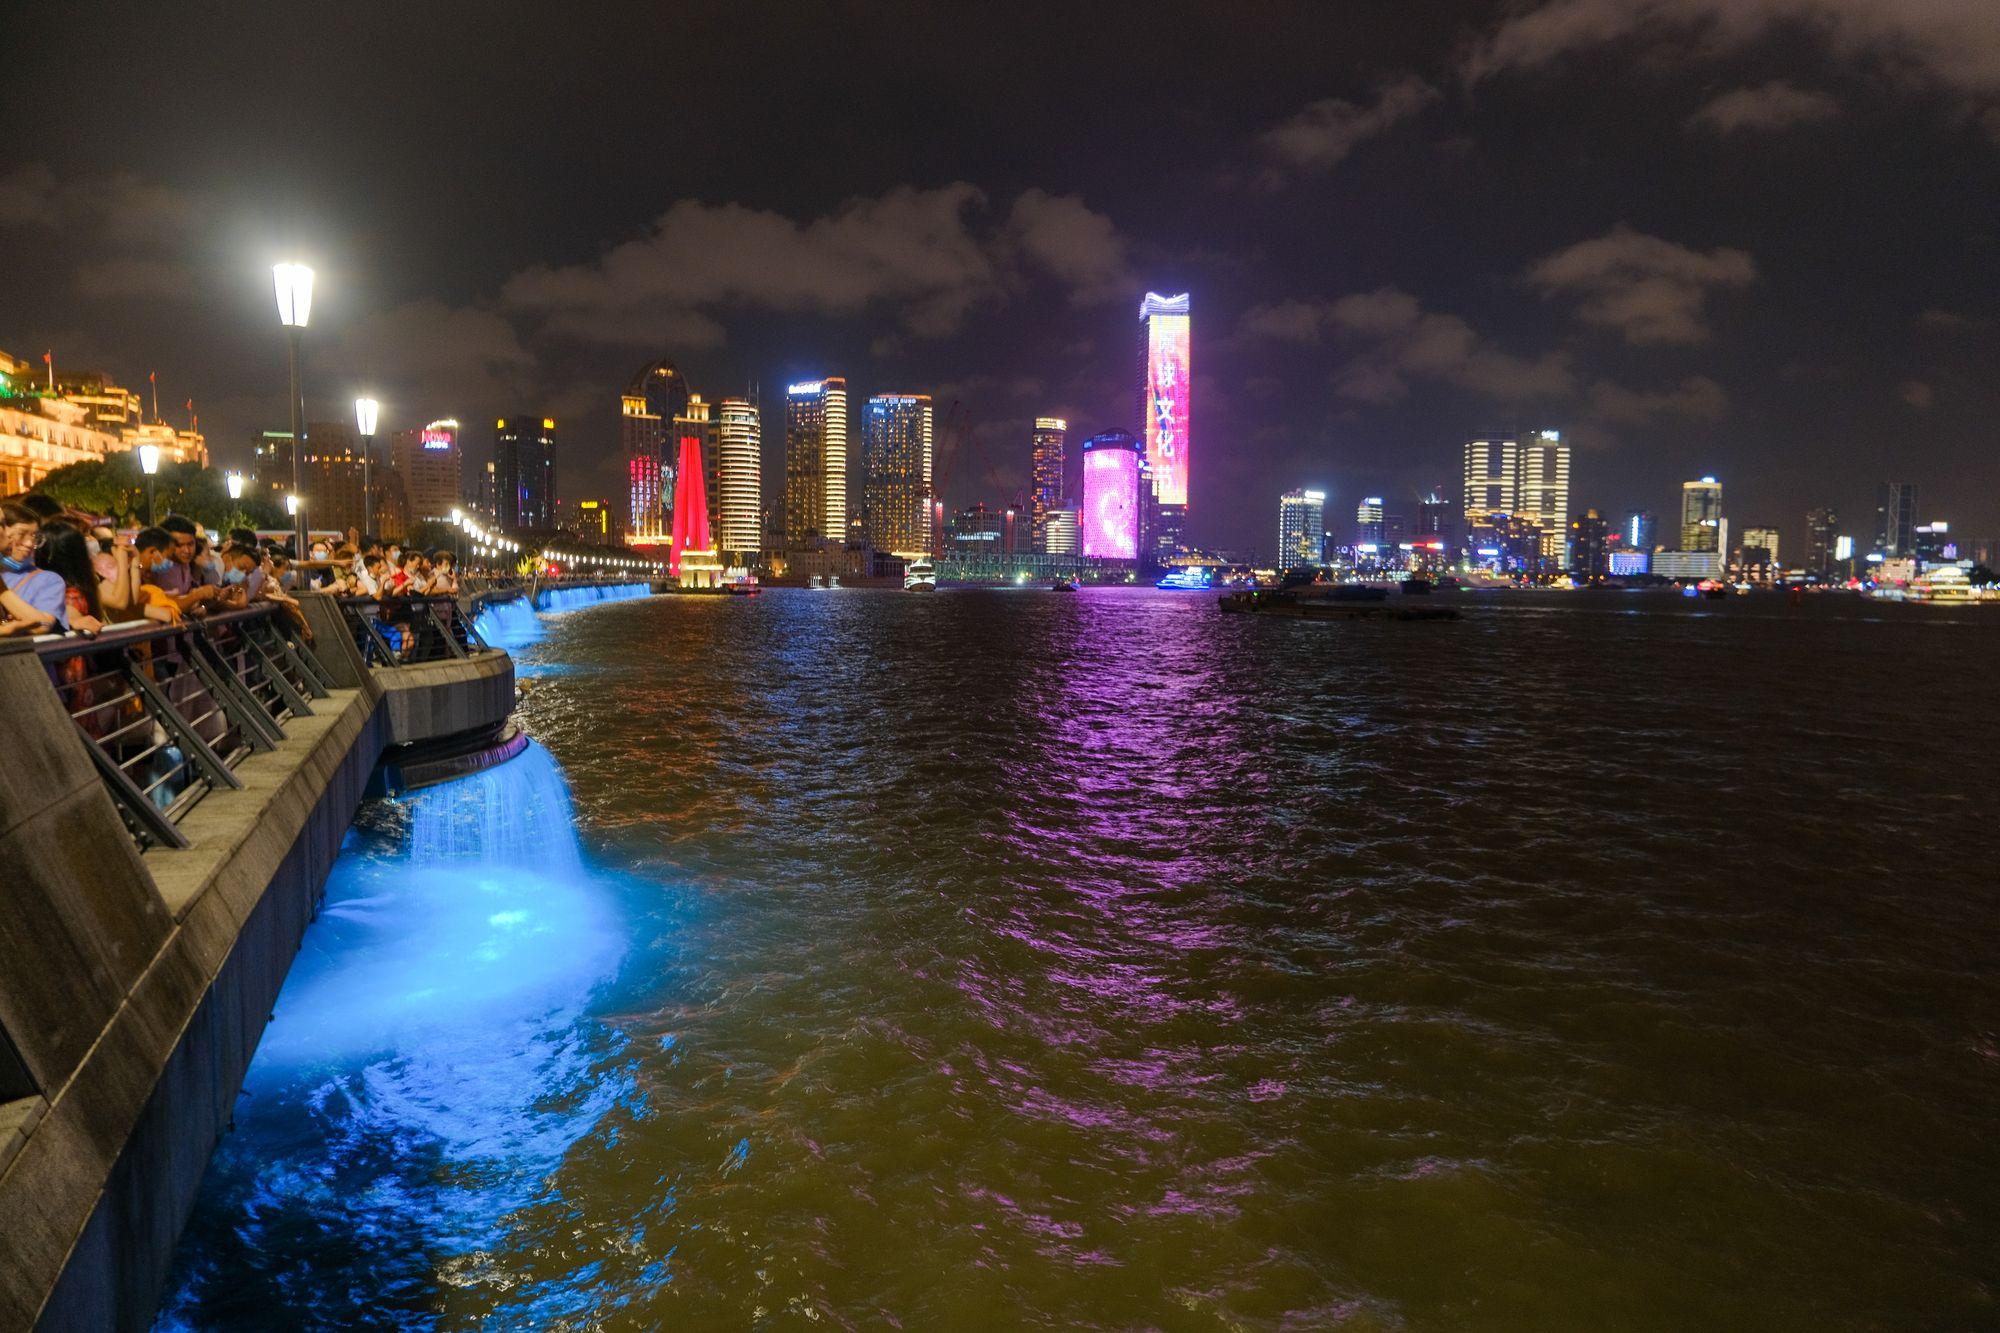 上海滩夜景照片 - 免费正版图片下载